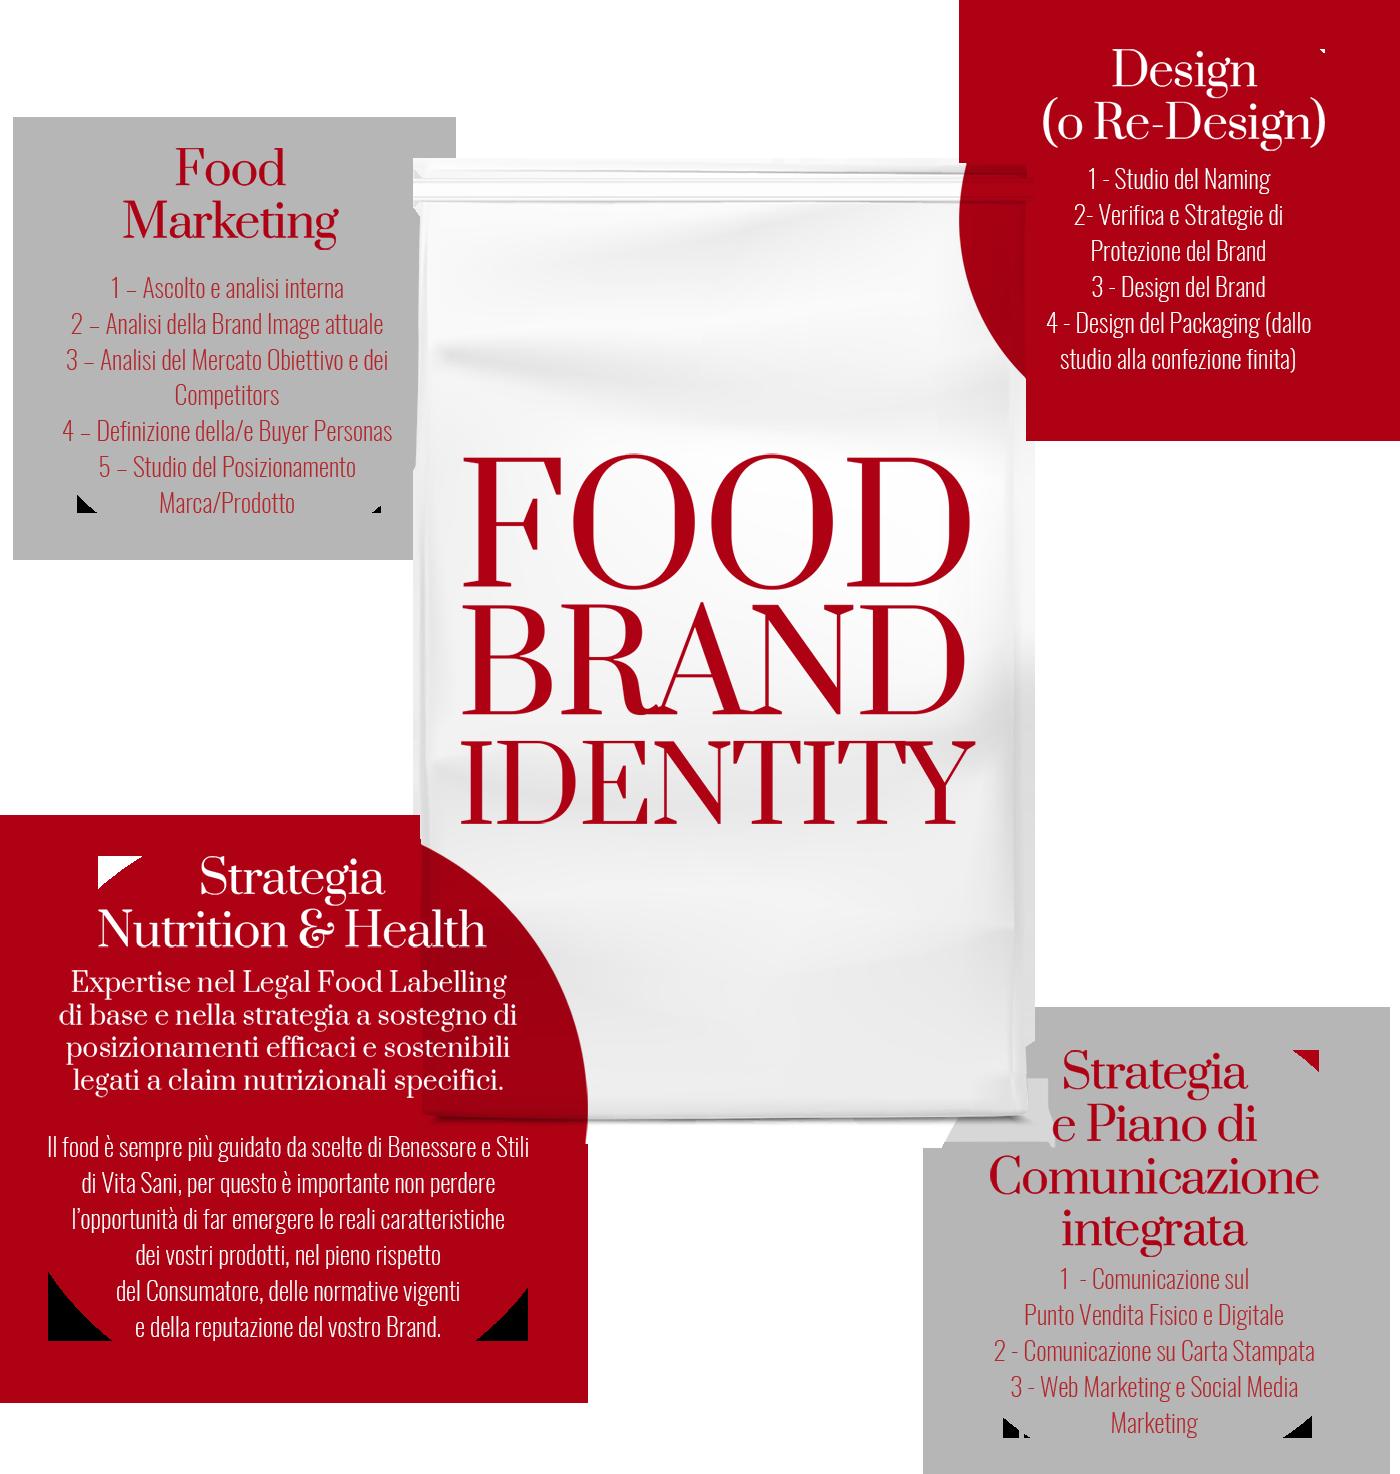 food brand identity metodo rouge4food